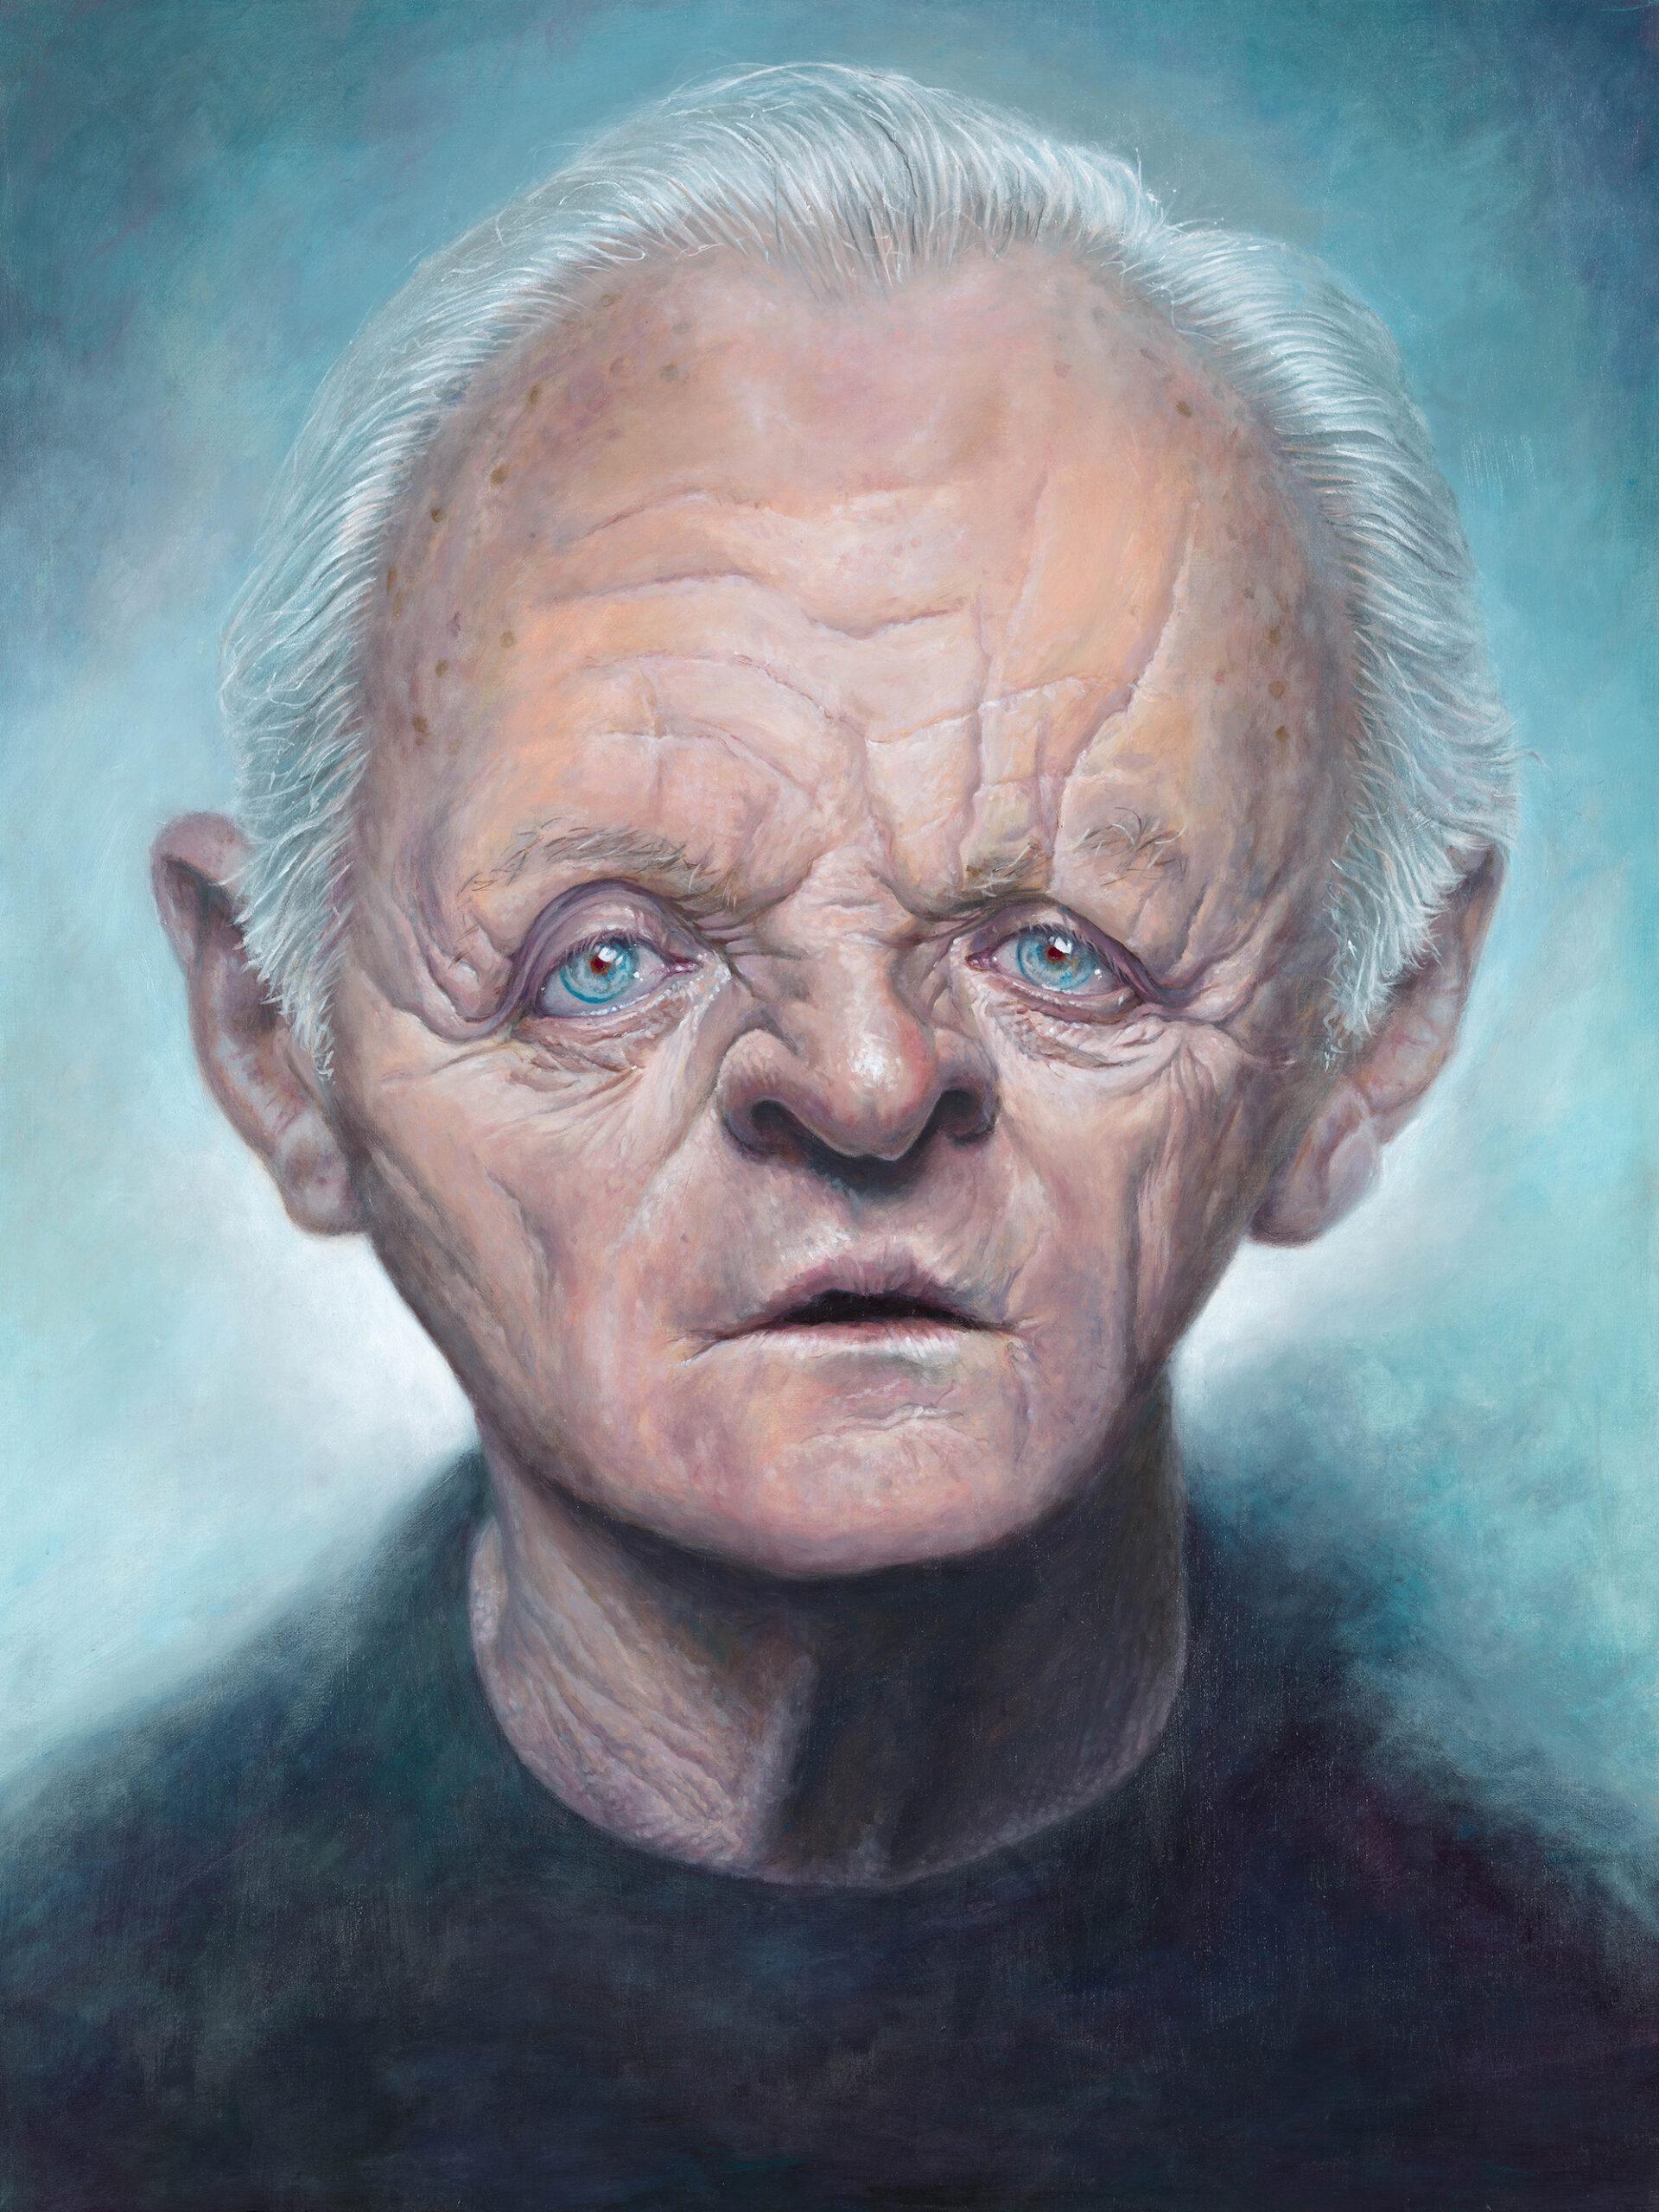 Anthony Hopkins portrait by Derren Brown